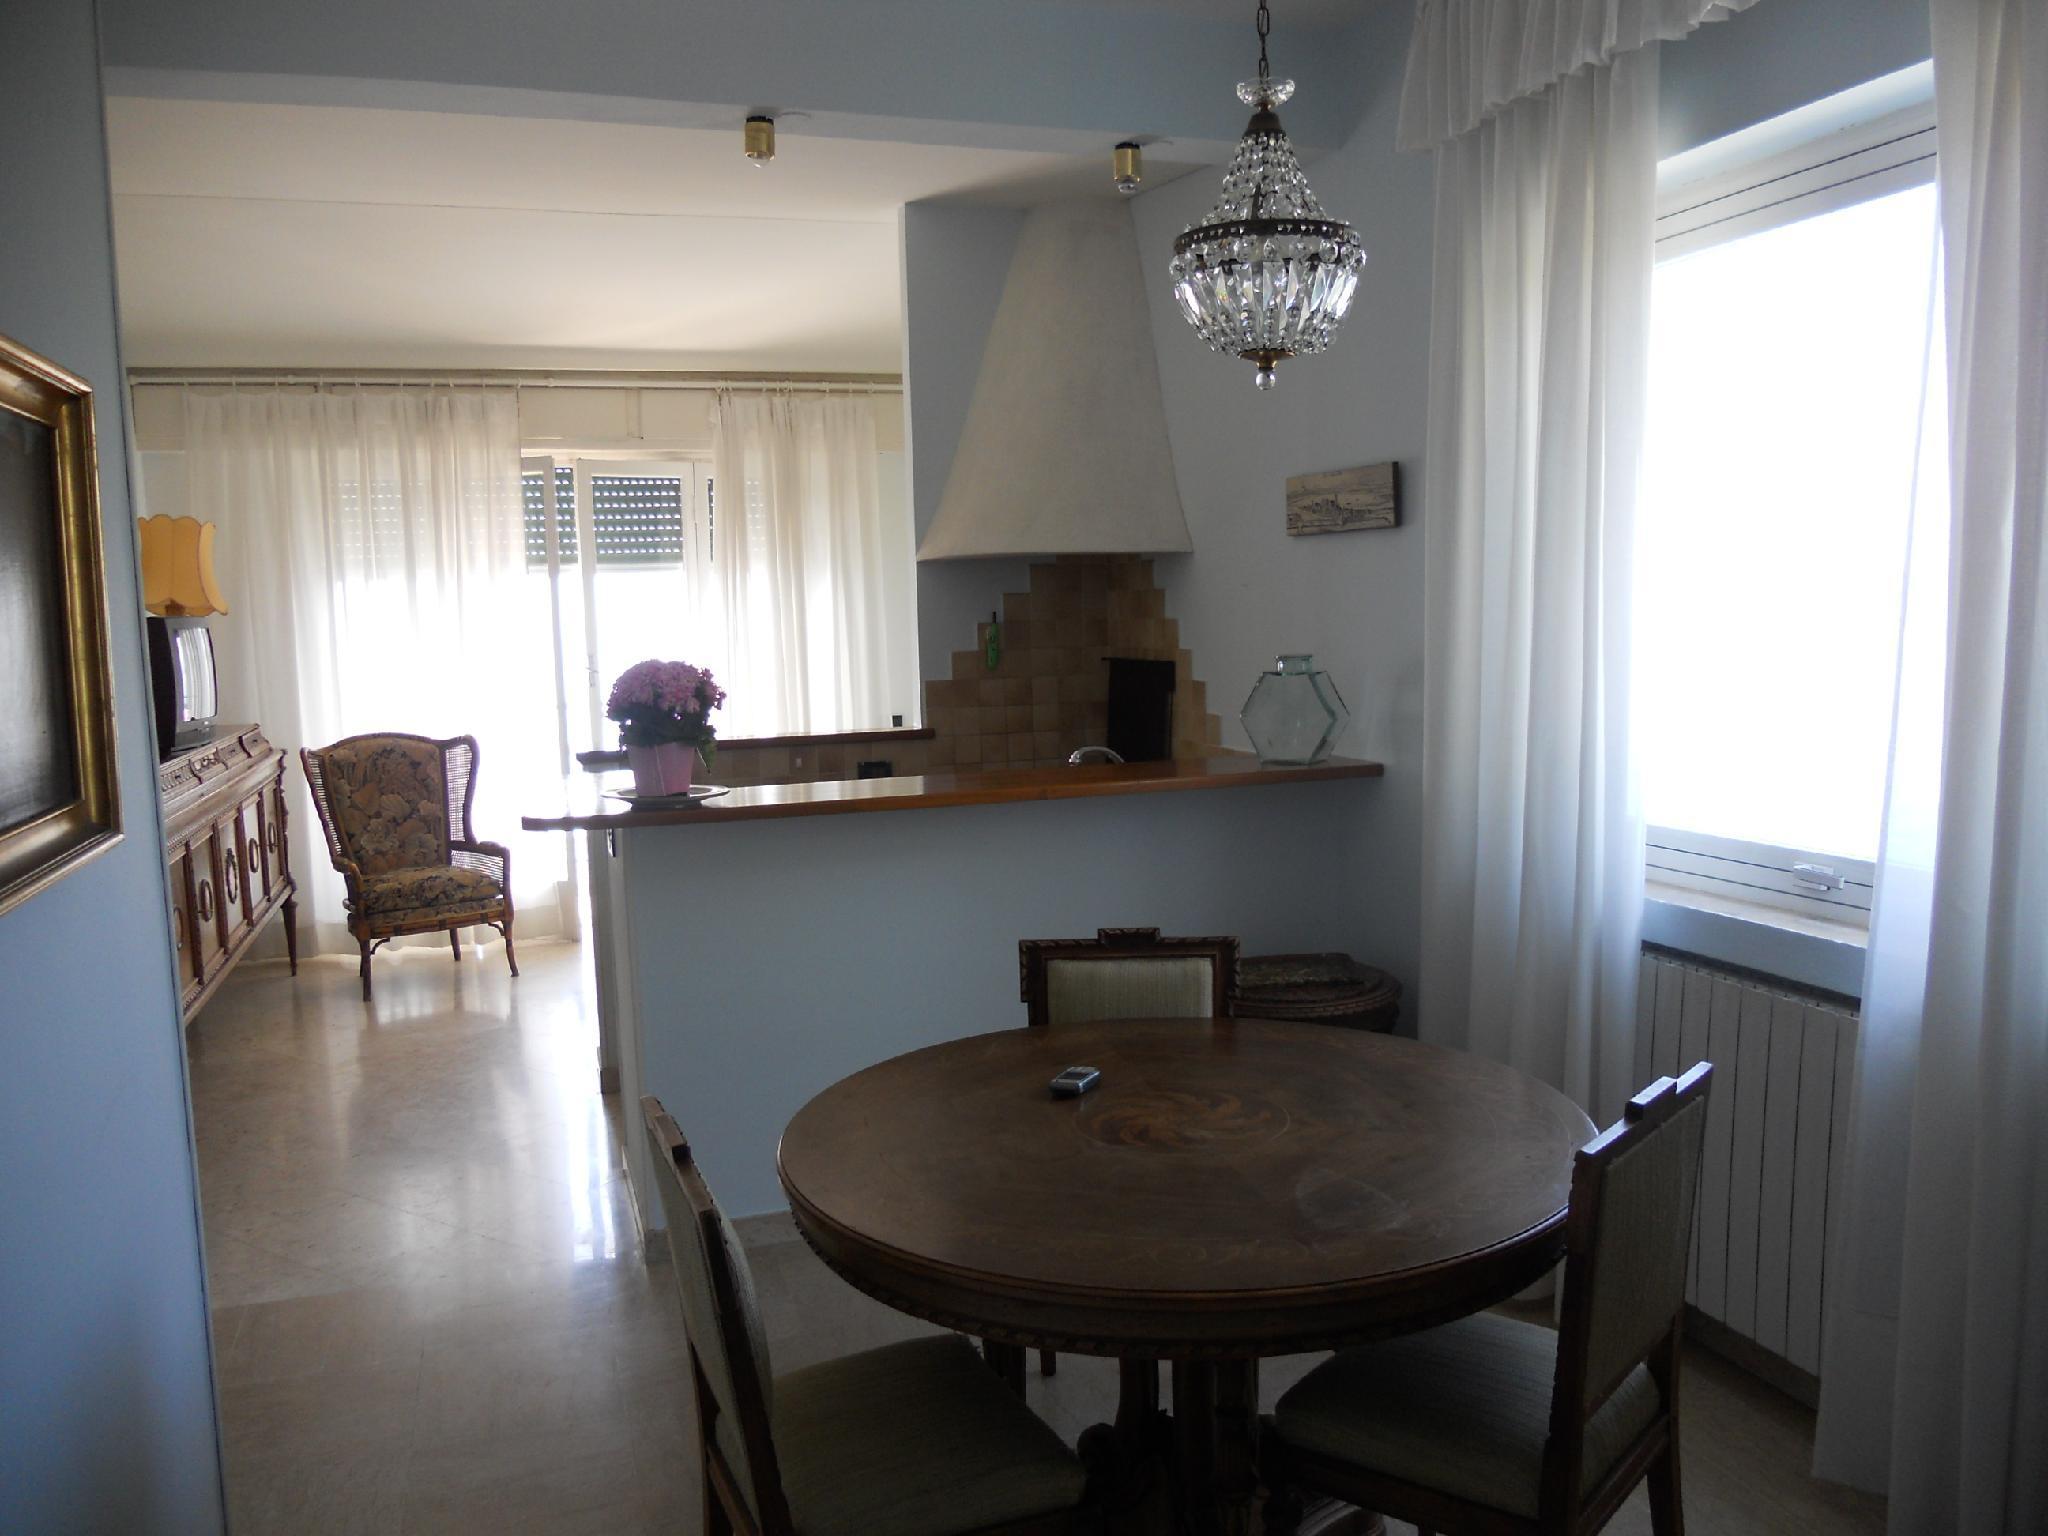 Apartments solaria 1 2 Ospedaletti Ligure by Sanremo Italian Riviera